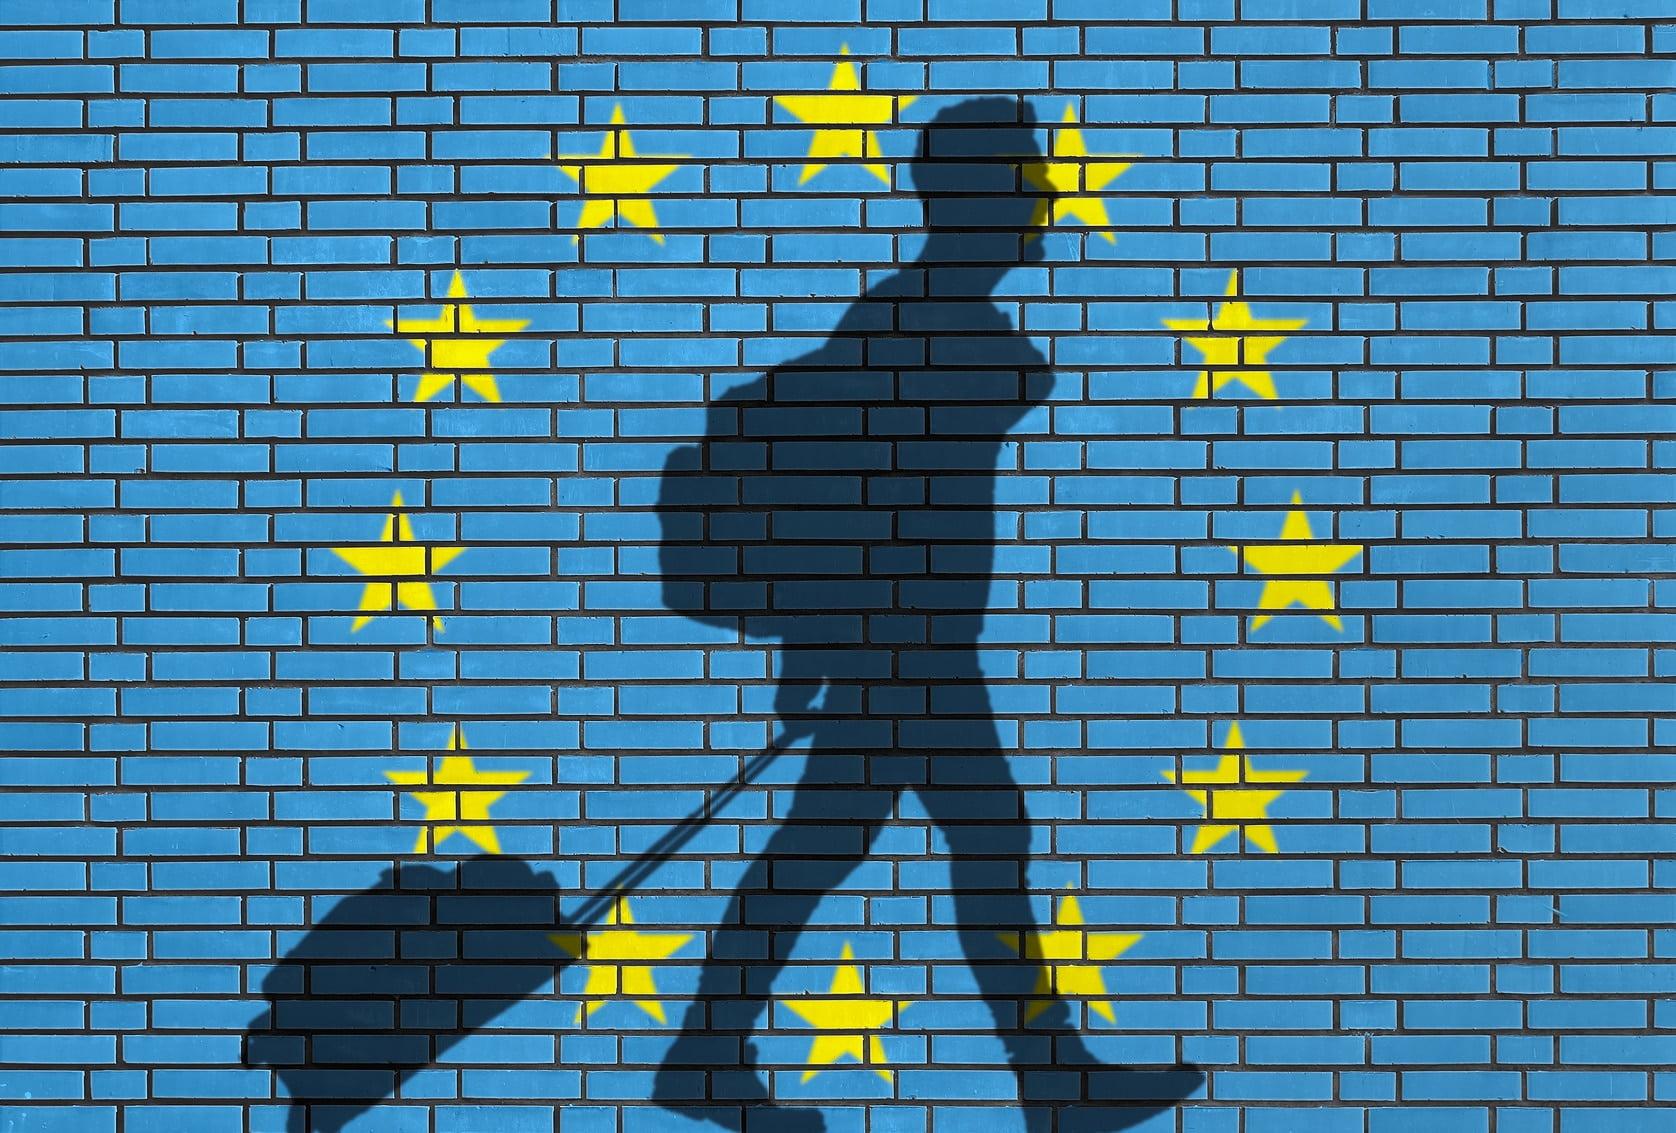 کشورهای شنگن و اتحادیه اروپا